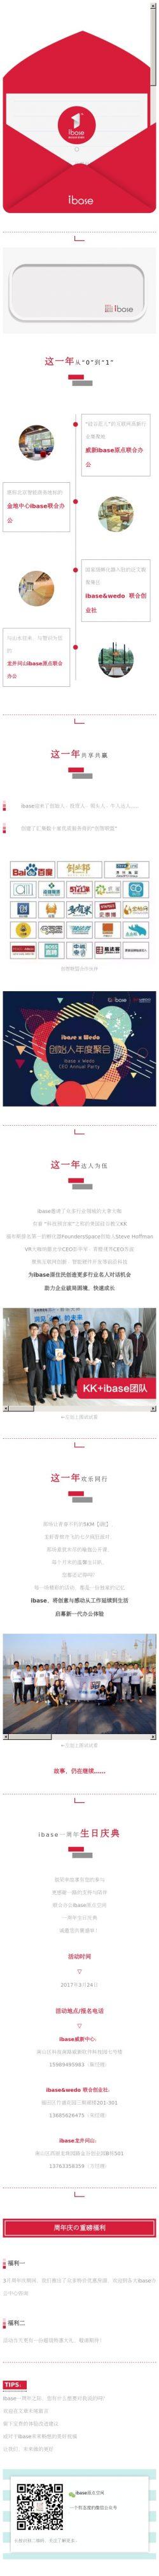 创意微信邀请函活动企业生日庆典